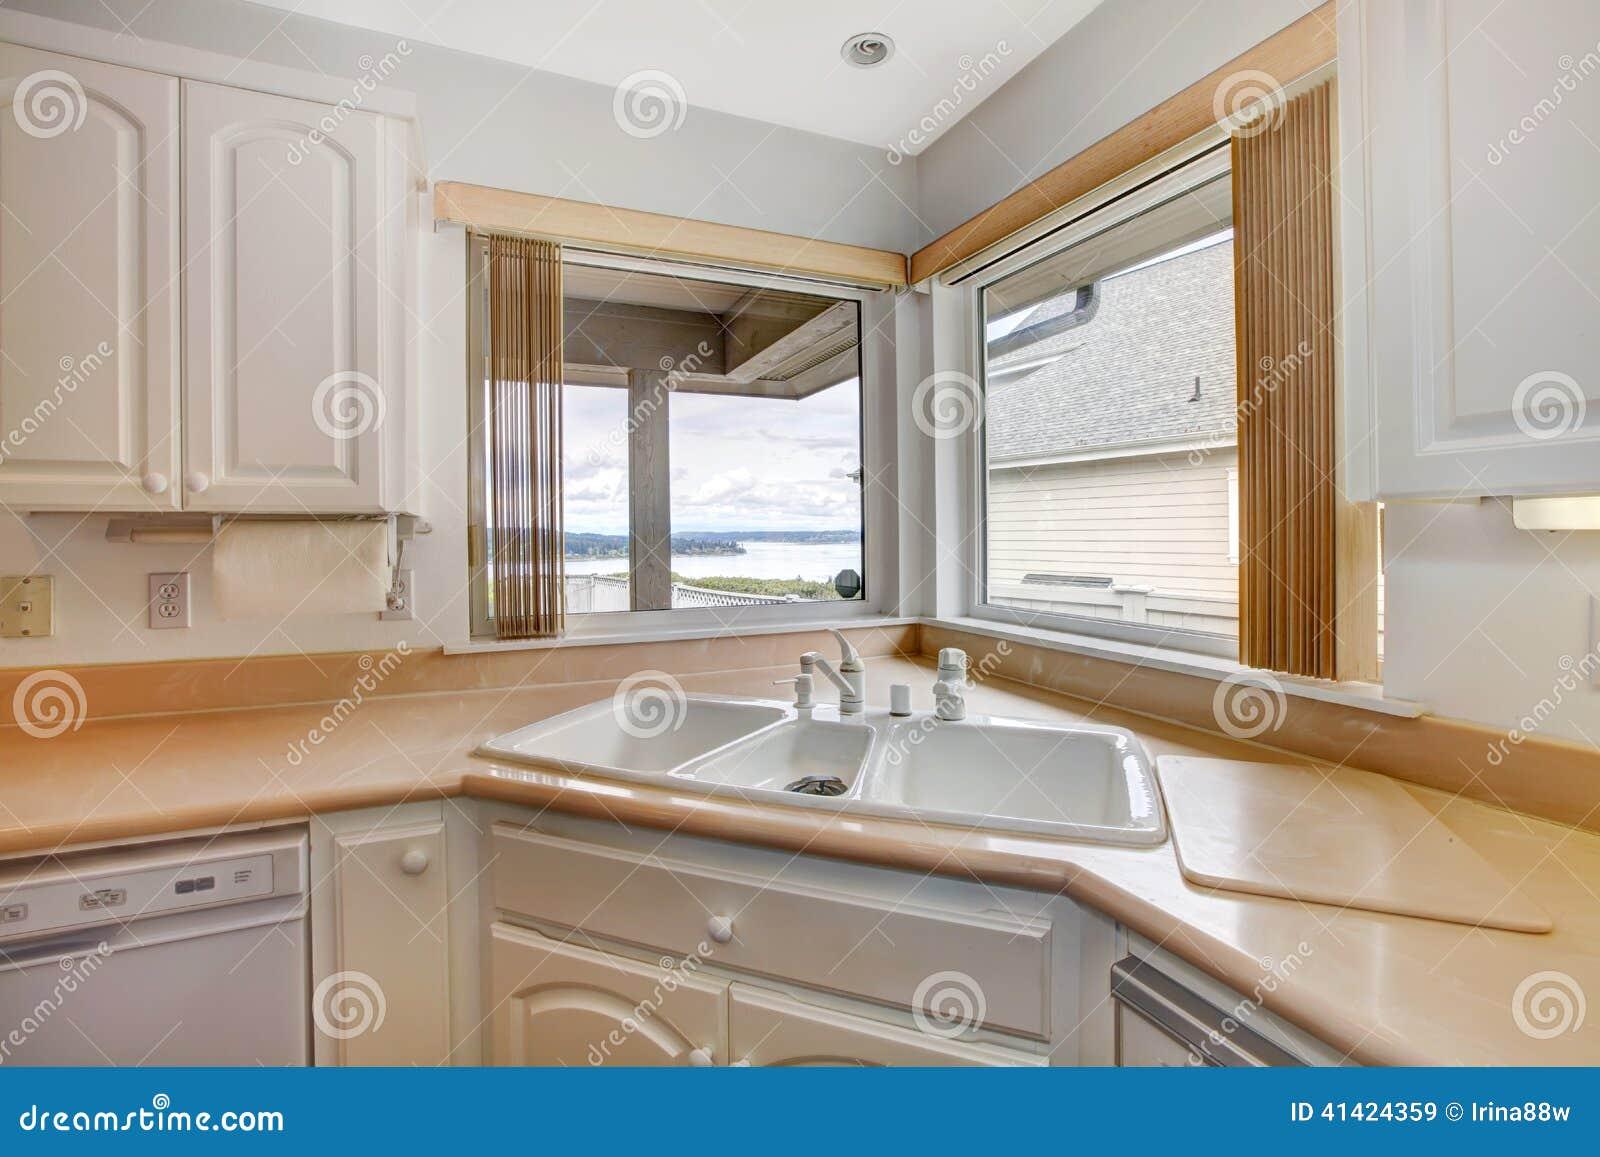 41424359 for Banco de esquina para cocina